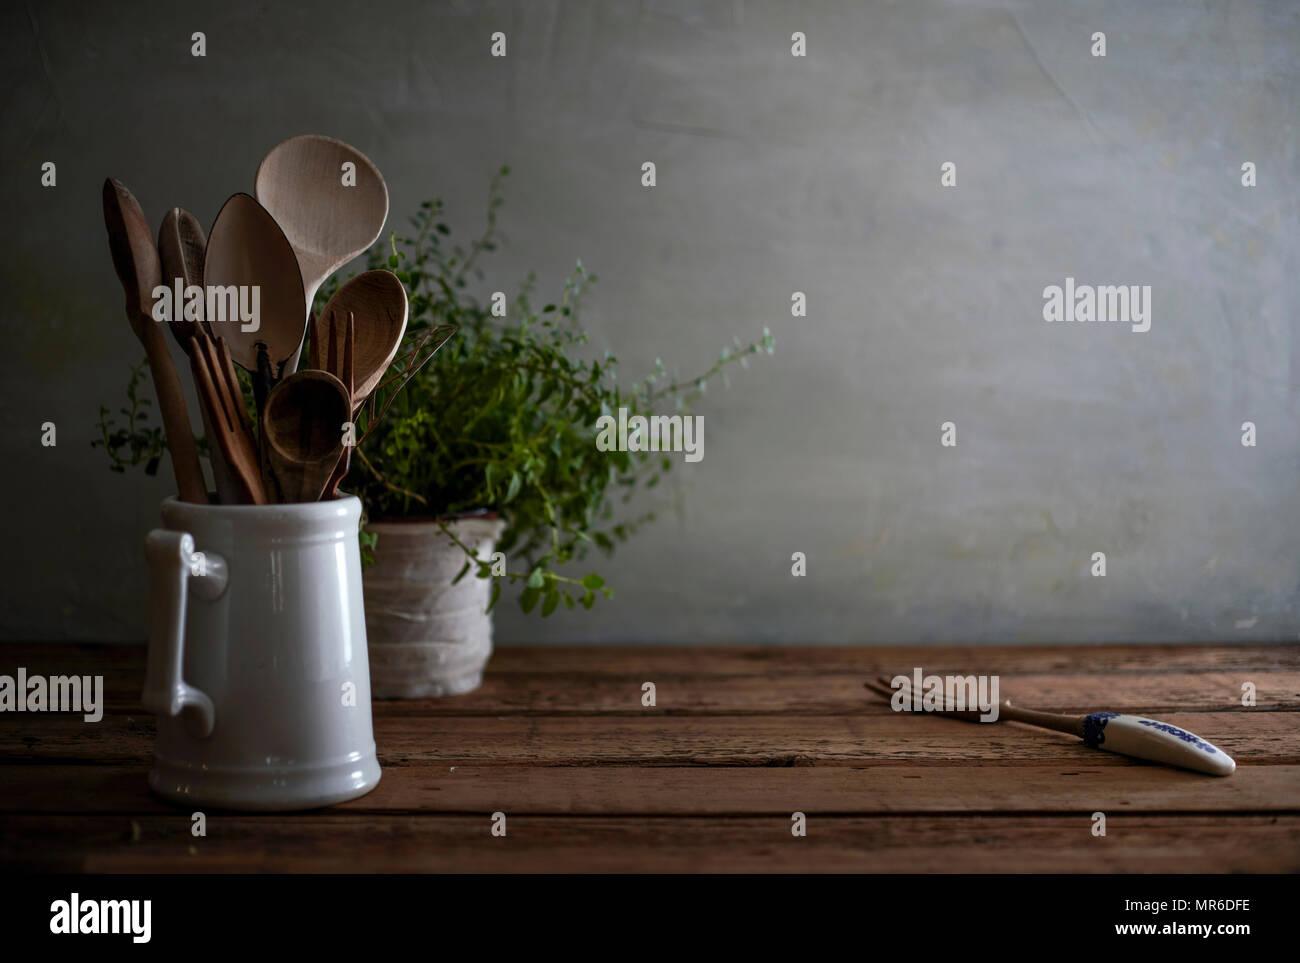 Imagen de un bodegón rústico, cocina de madera con cucharas de madera en un recipiente de porcelana y una encantadora planta de orégano, enredos en el fondo. Imagen De Stock